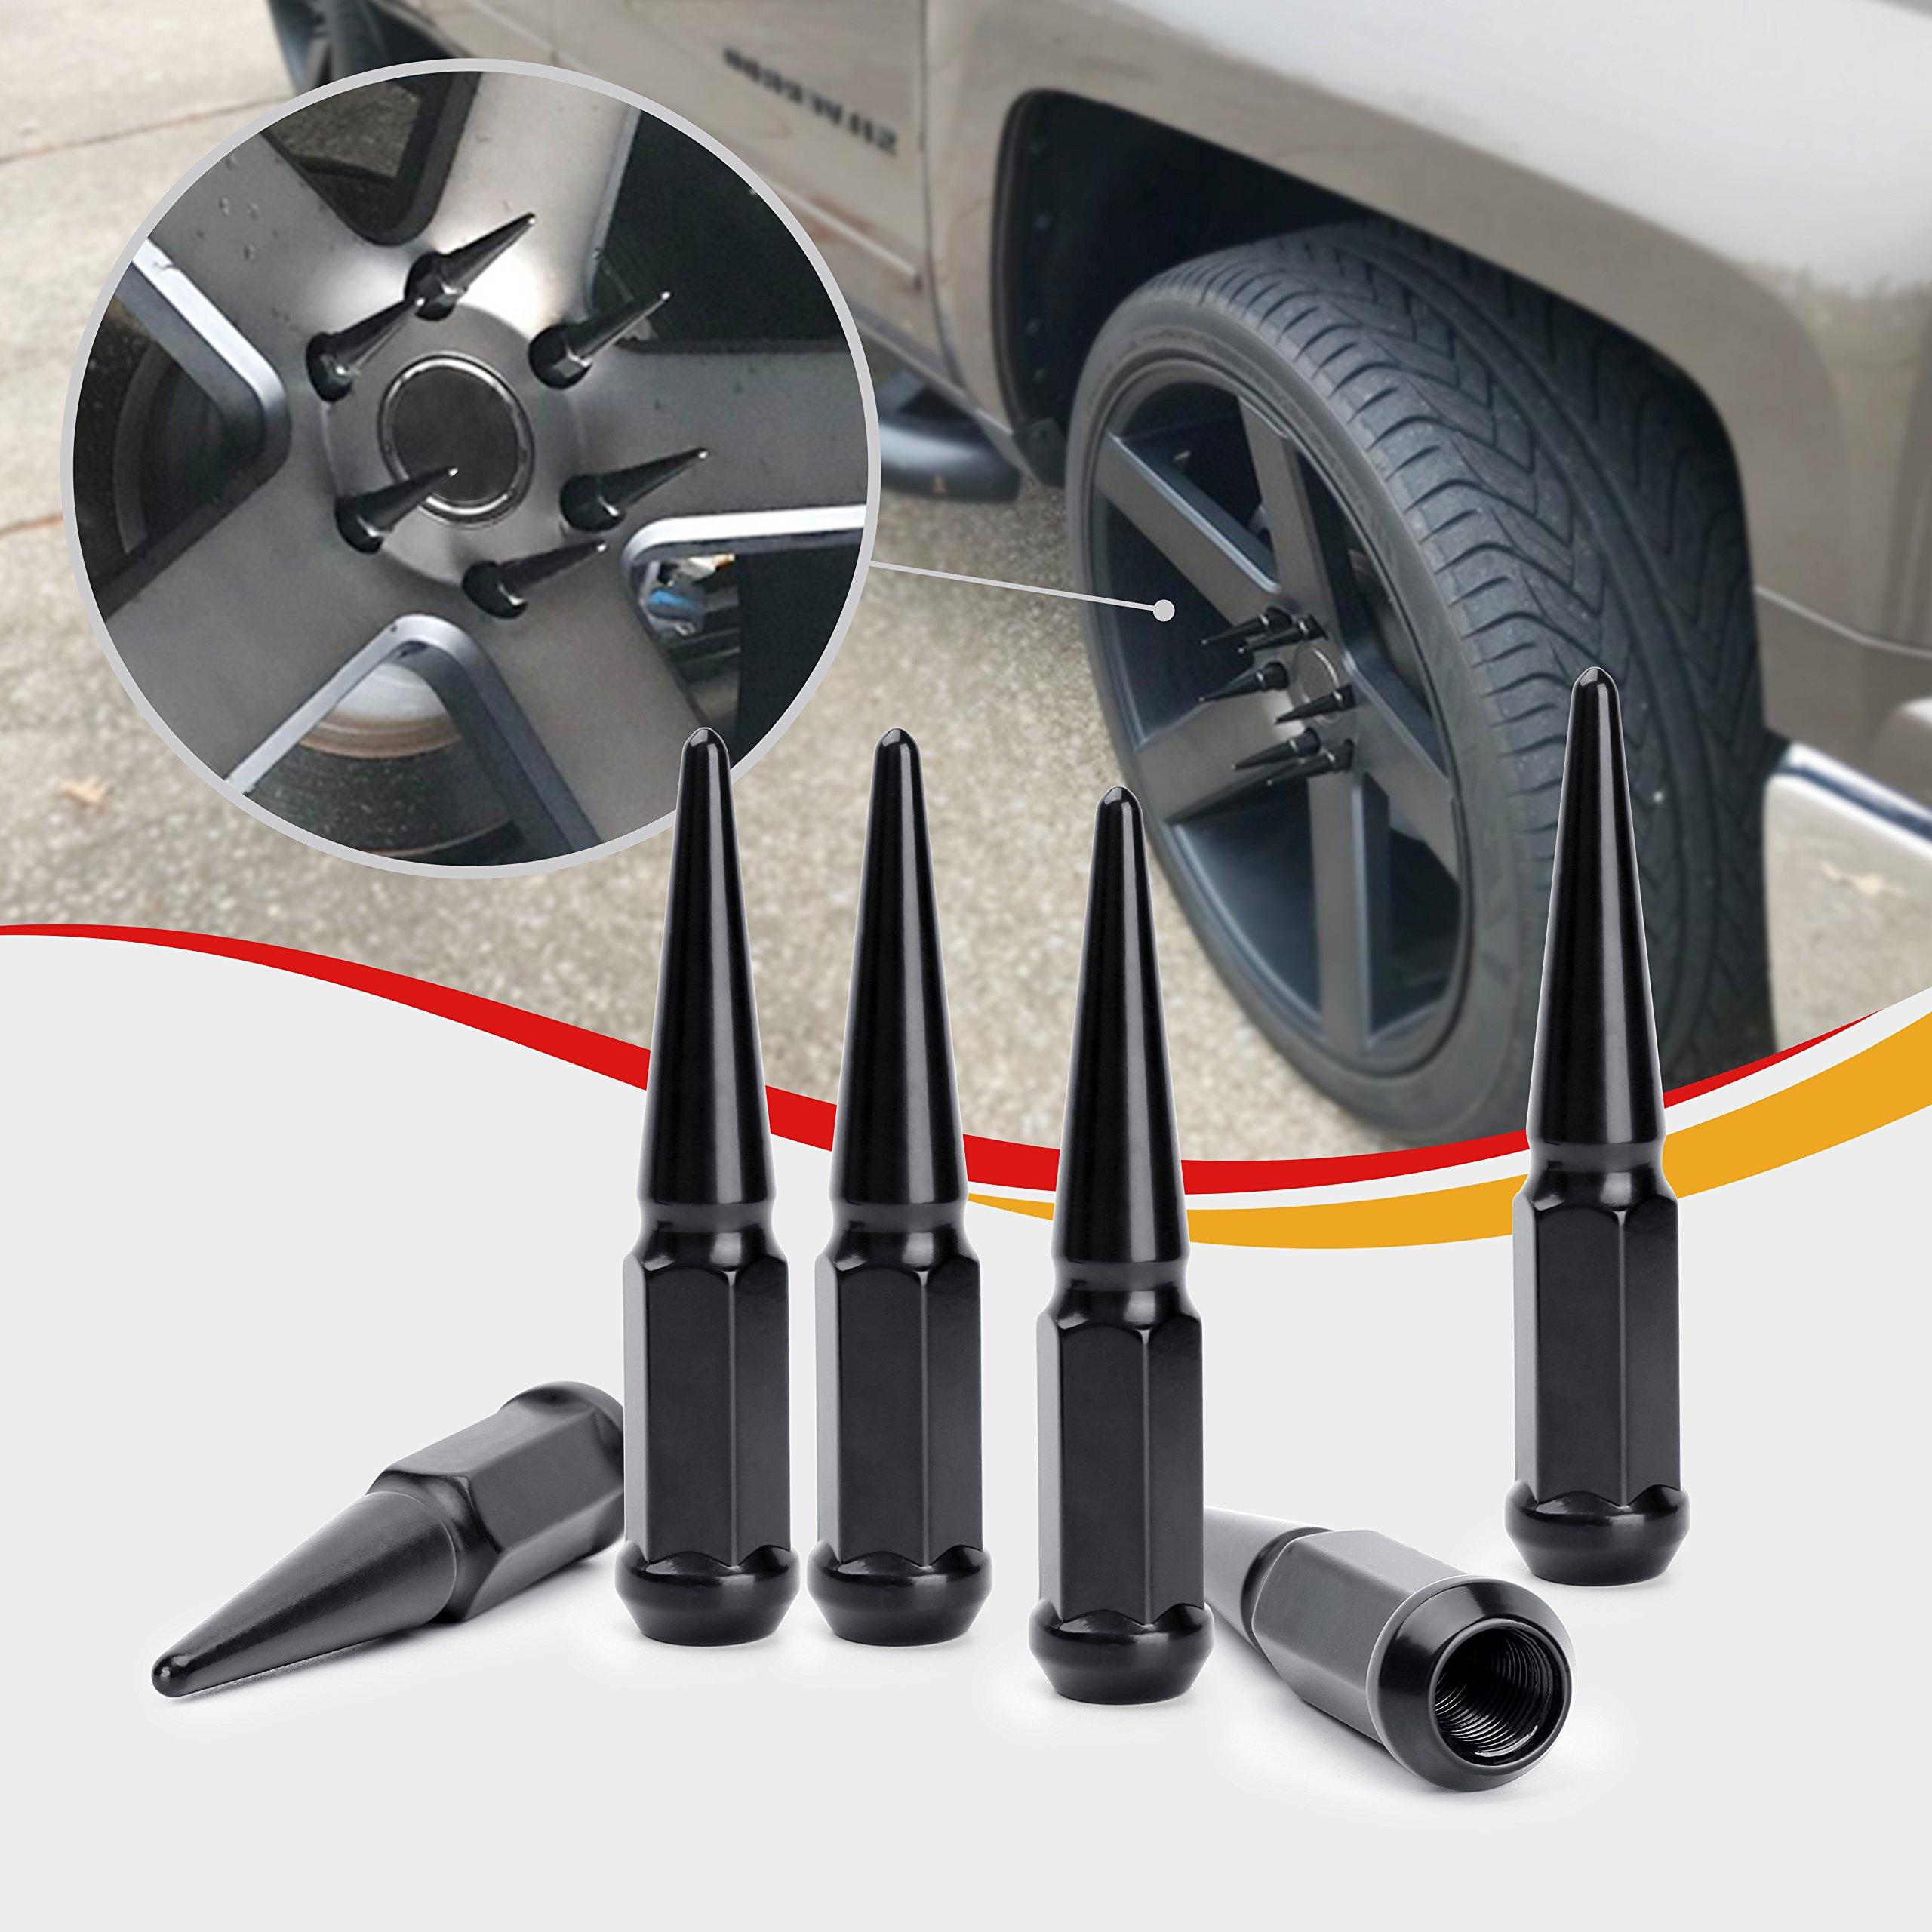 Dynofit 14mmx1.5 Wheel Spike Lug Nuts, 32 x Silver M14x1.5 Lug Nut, 4.4'' Tall Closed End Nuts with 1 Socket Key for Chevy Silverado GMC Sierra 1500 2500 3500, Ford F-250 F-350 2003-2016 by Dynofit (Image #4)